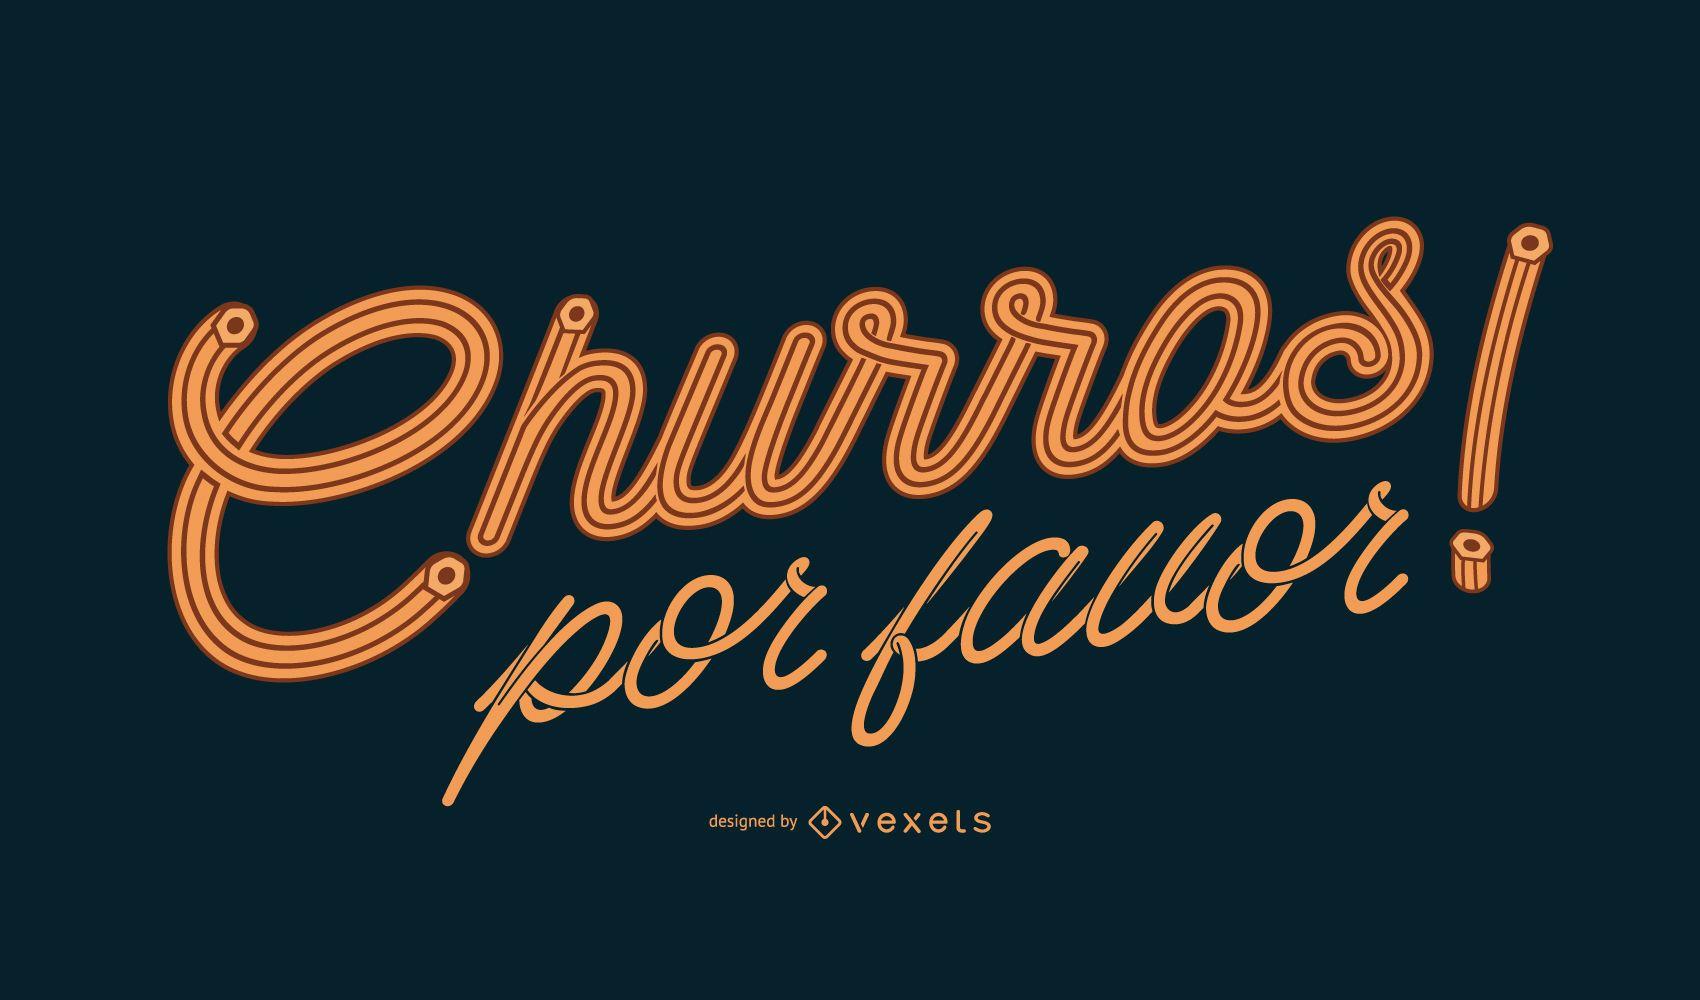 Diseño de letras españolas churros